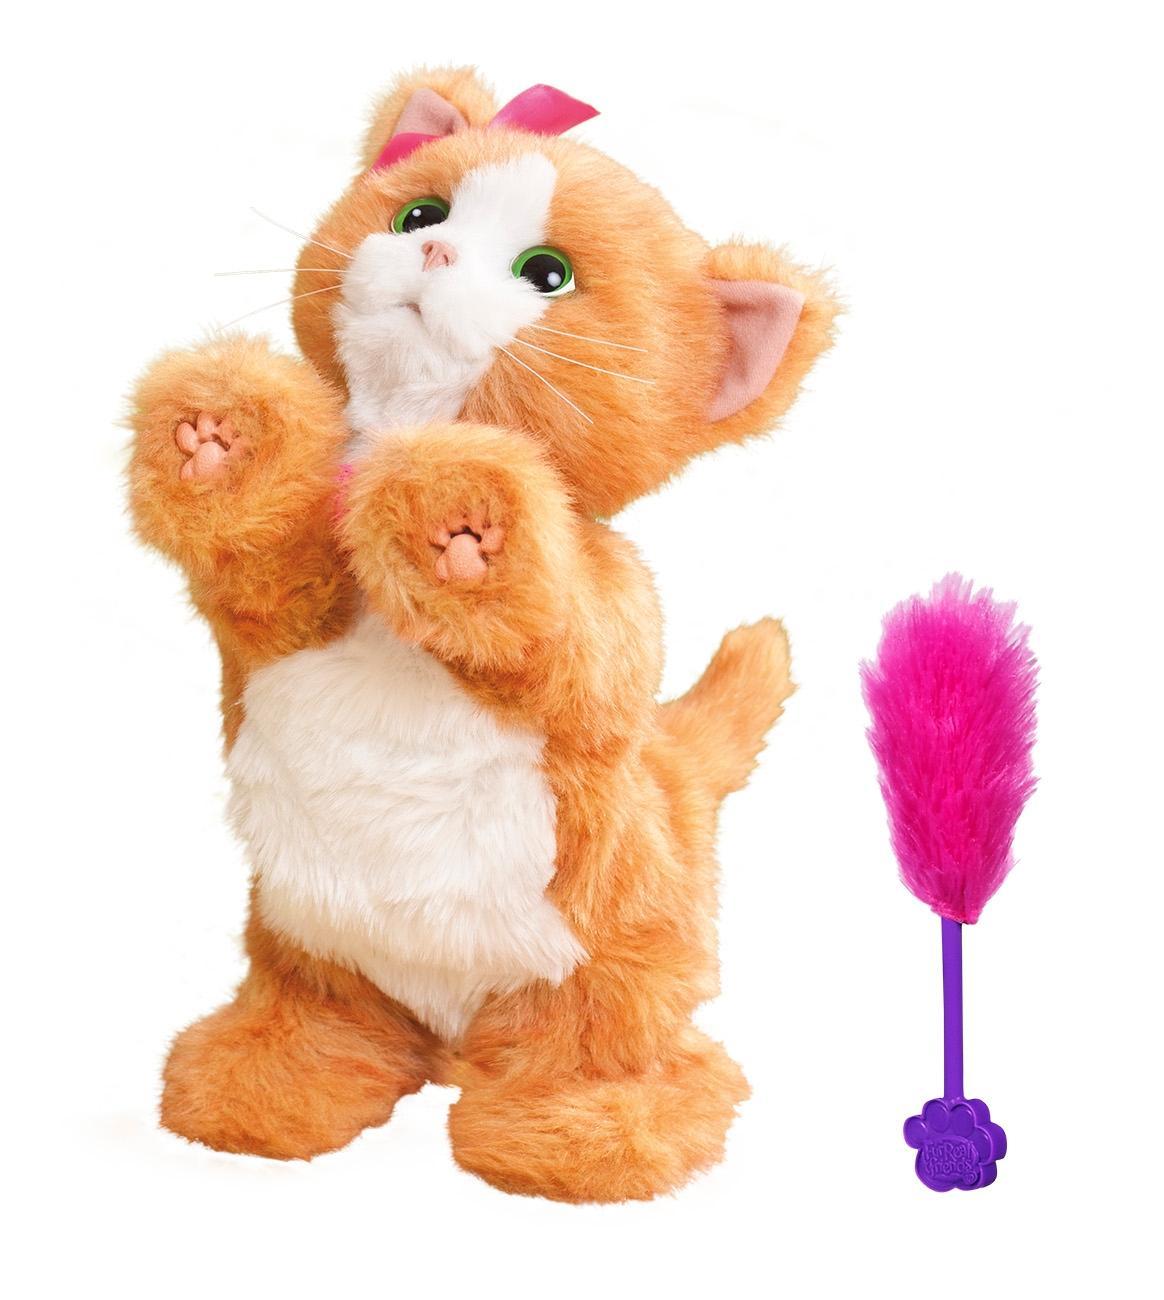 Купить Интерактивное животное Furreal Friends Дэйзи, игривый котенок a2003, Интерактивные мягкие игрушки